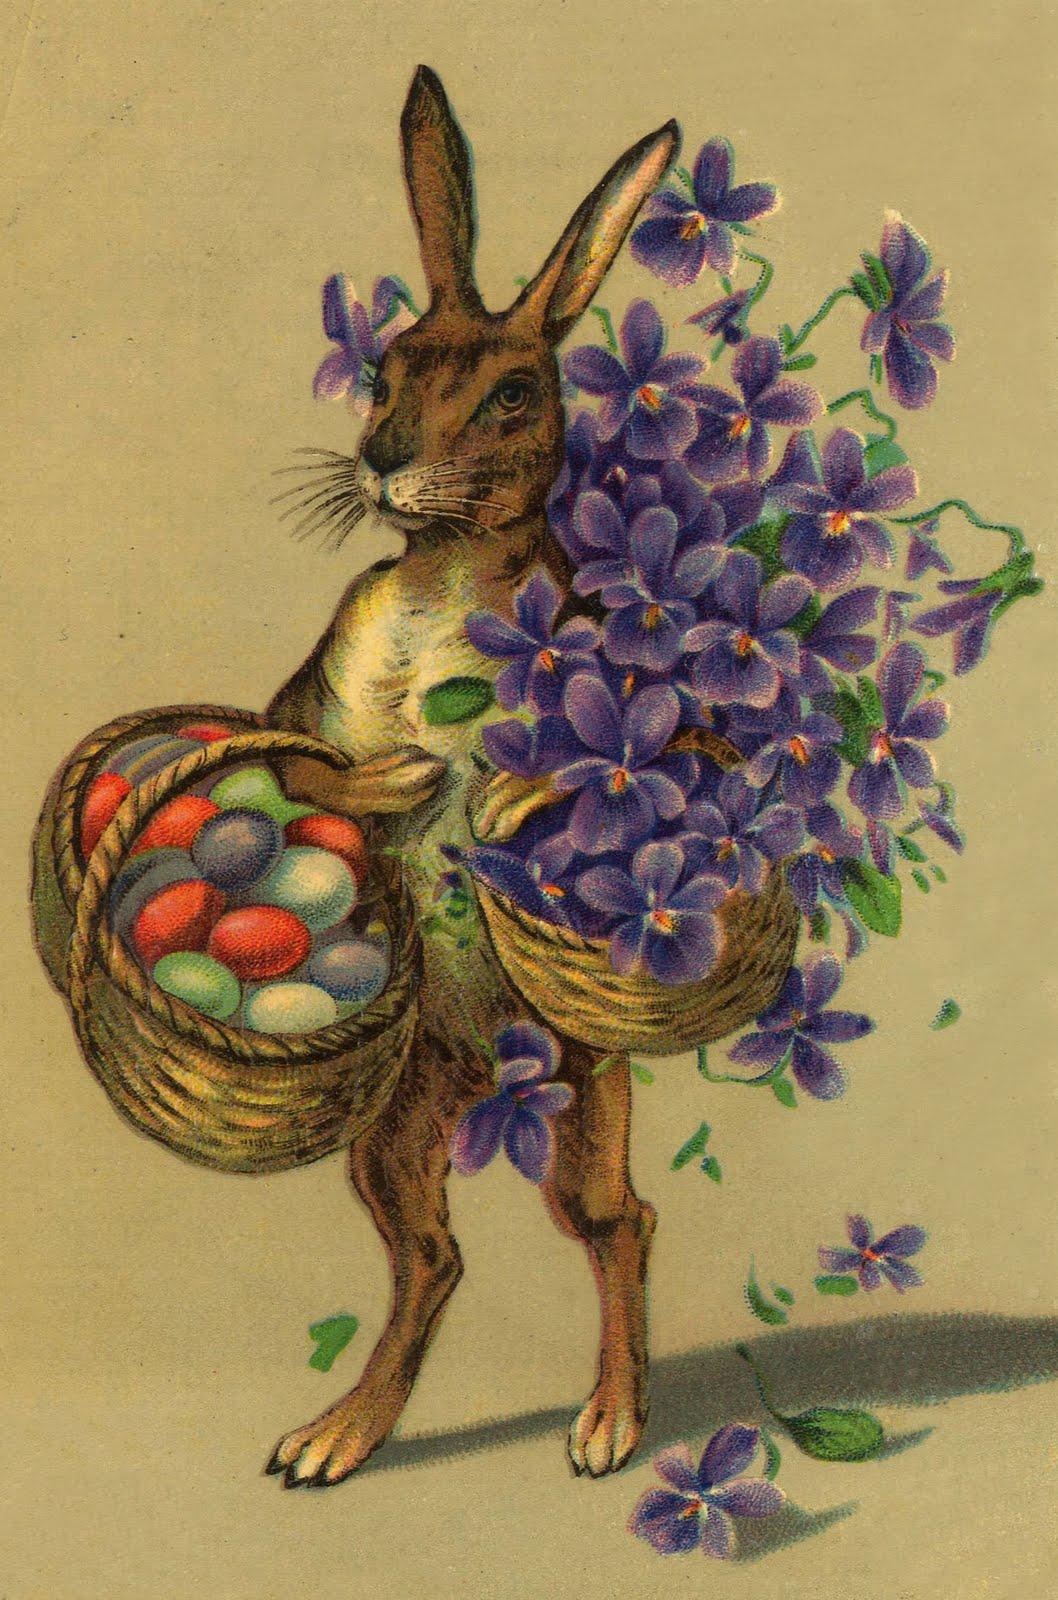 Праздник...  Легенда о пасхальном зайце впервые была документально упомянута в. в. В. 1680.